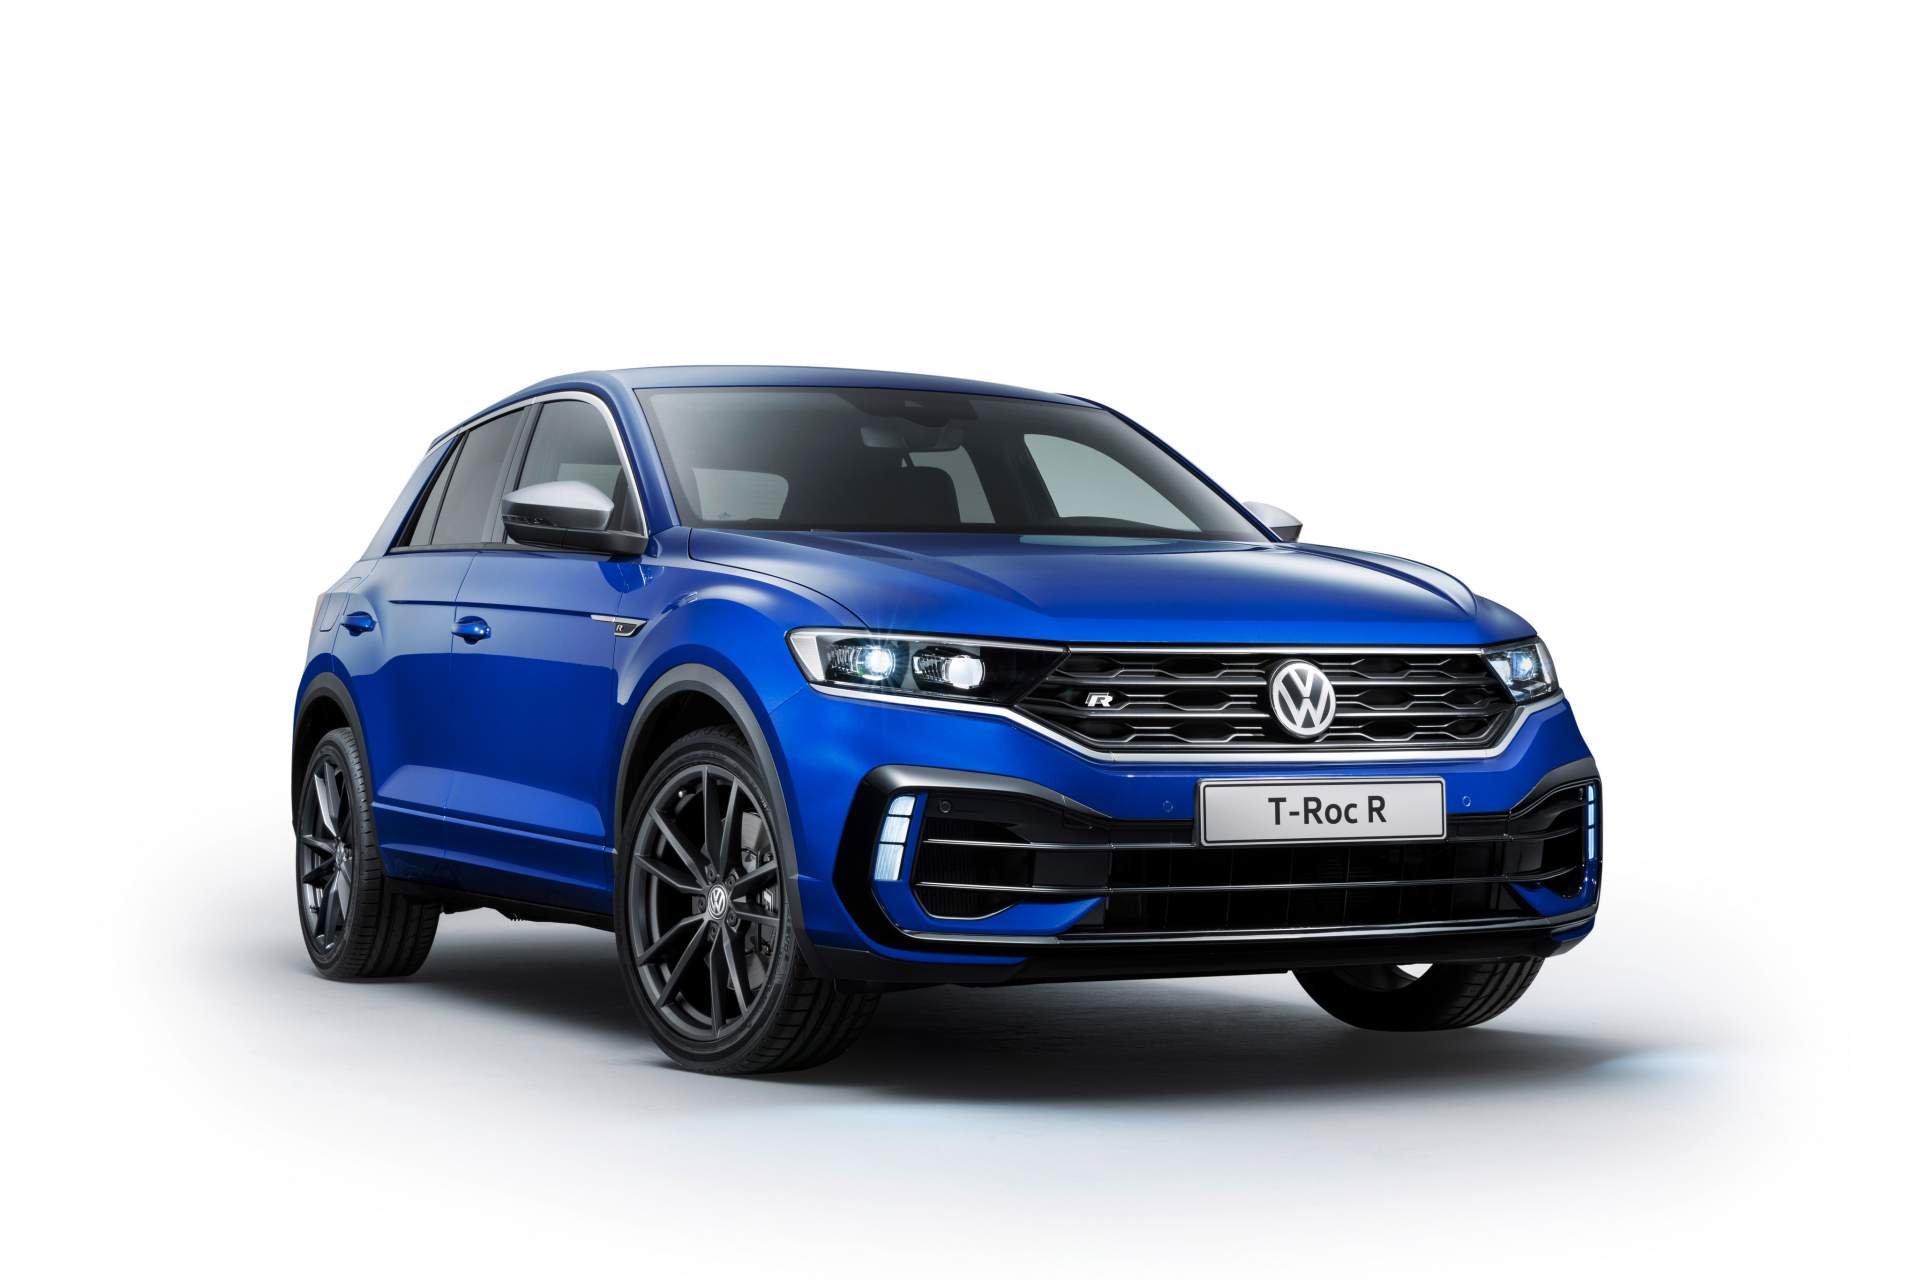 Volkswagen T-Roc R 2019 (7)